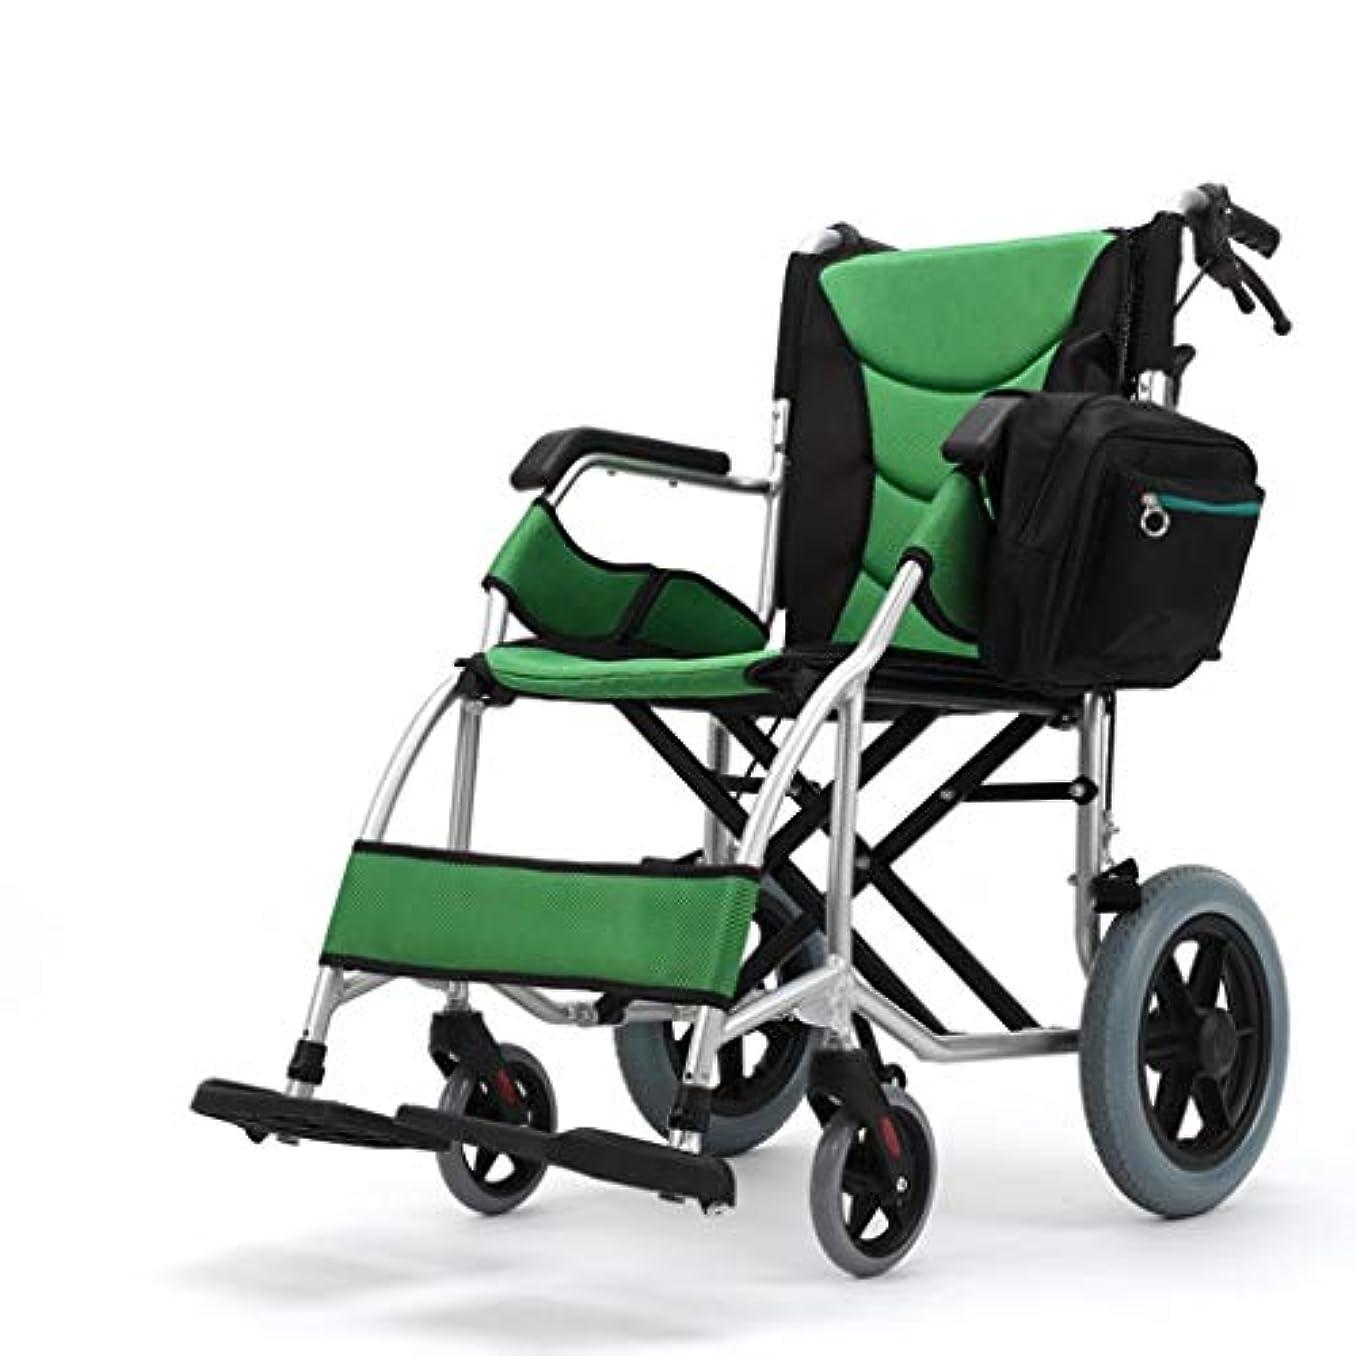 余暇文献パキスタン人車椅子折りたたみポータブル、アルミ合金高齢者超軽量ポータブル旅行ハンドプッシュスクーター